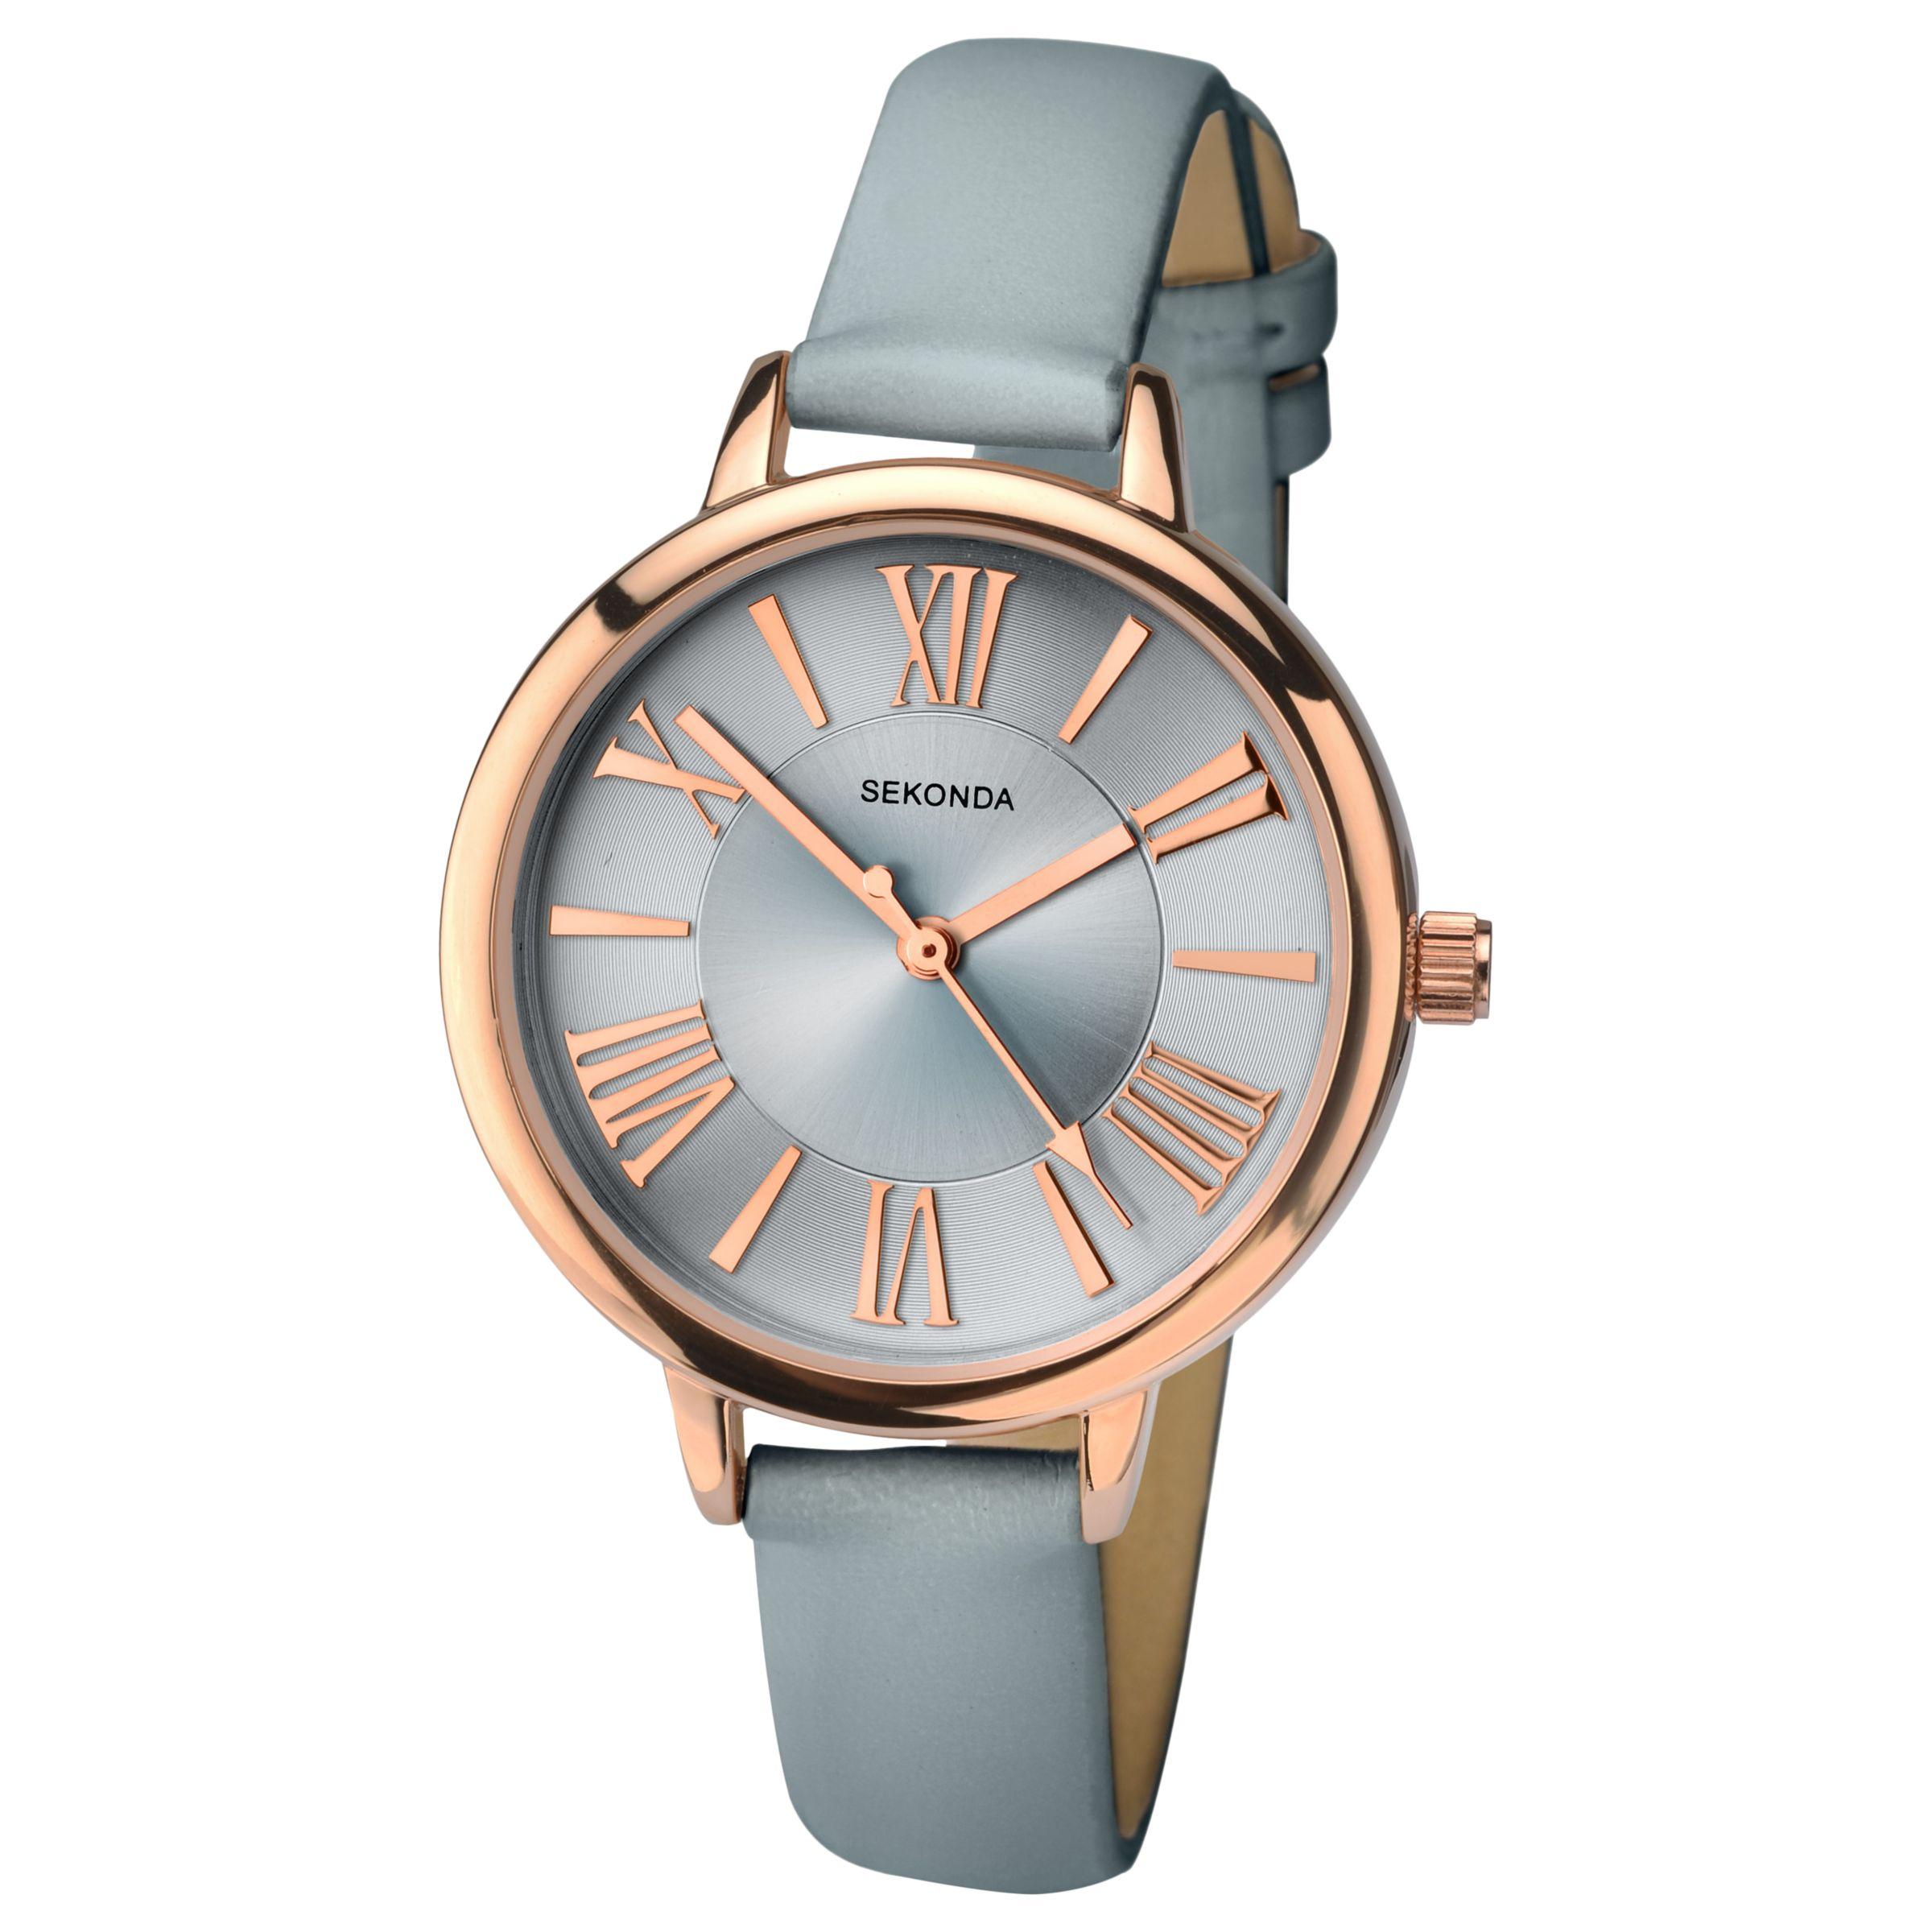 Sekonda Sekonda 2356.27 Women's Leather Look Strap Watch, Grey/Silver